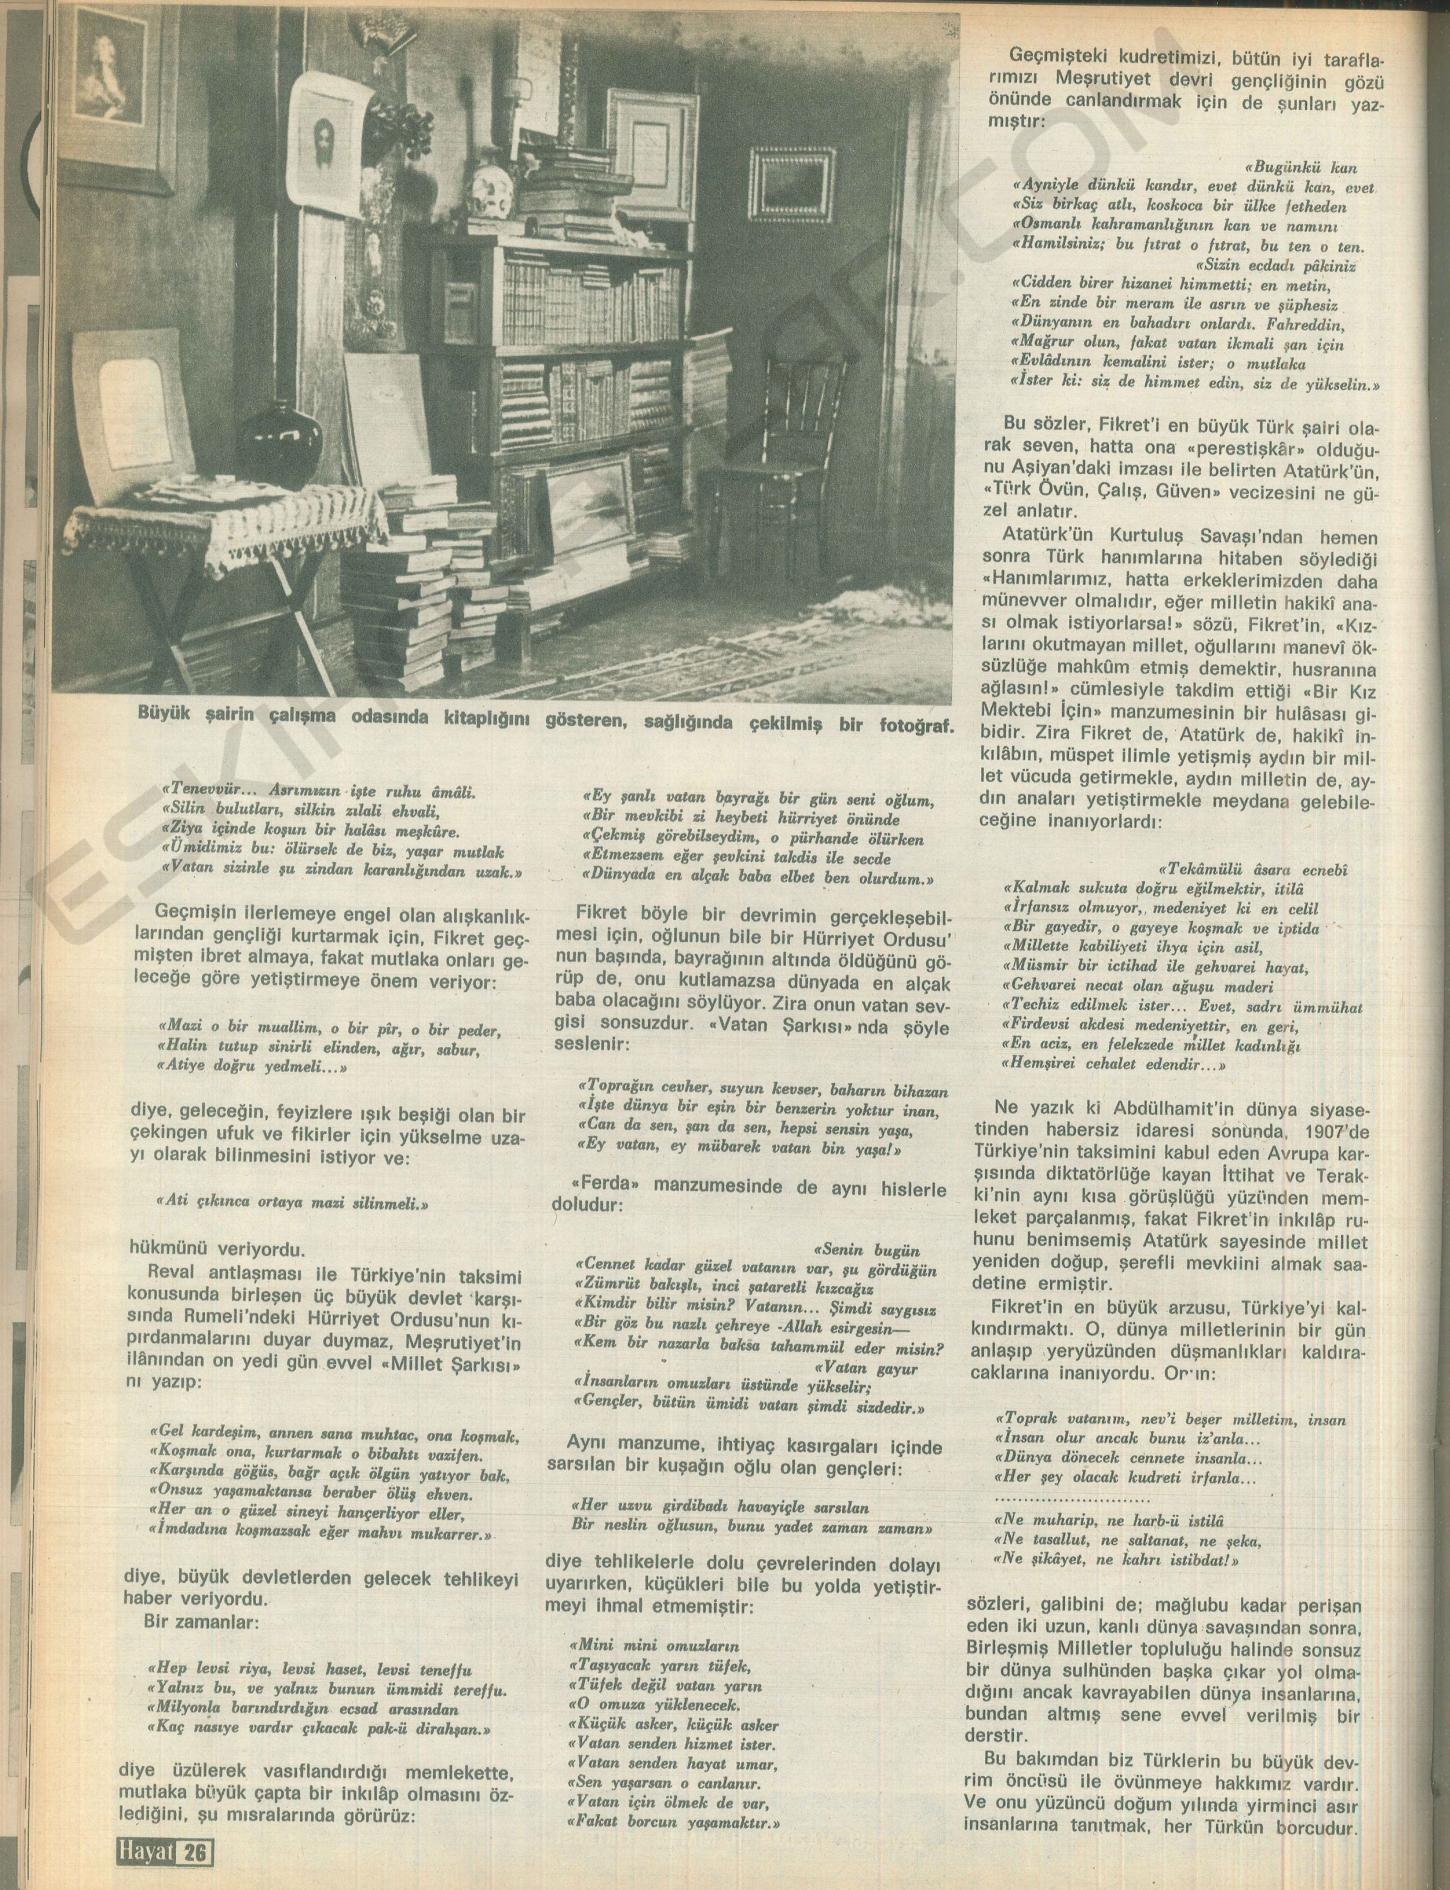 yuzuncu-dogum-yilinda-tevfik-fikret-1967-yili-hayat-dergisi-arsivleri (3)